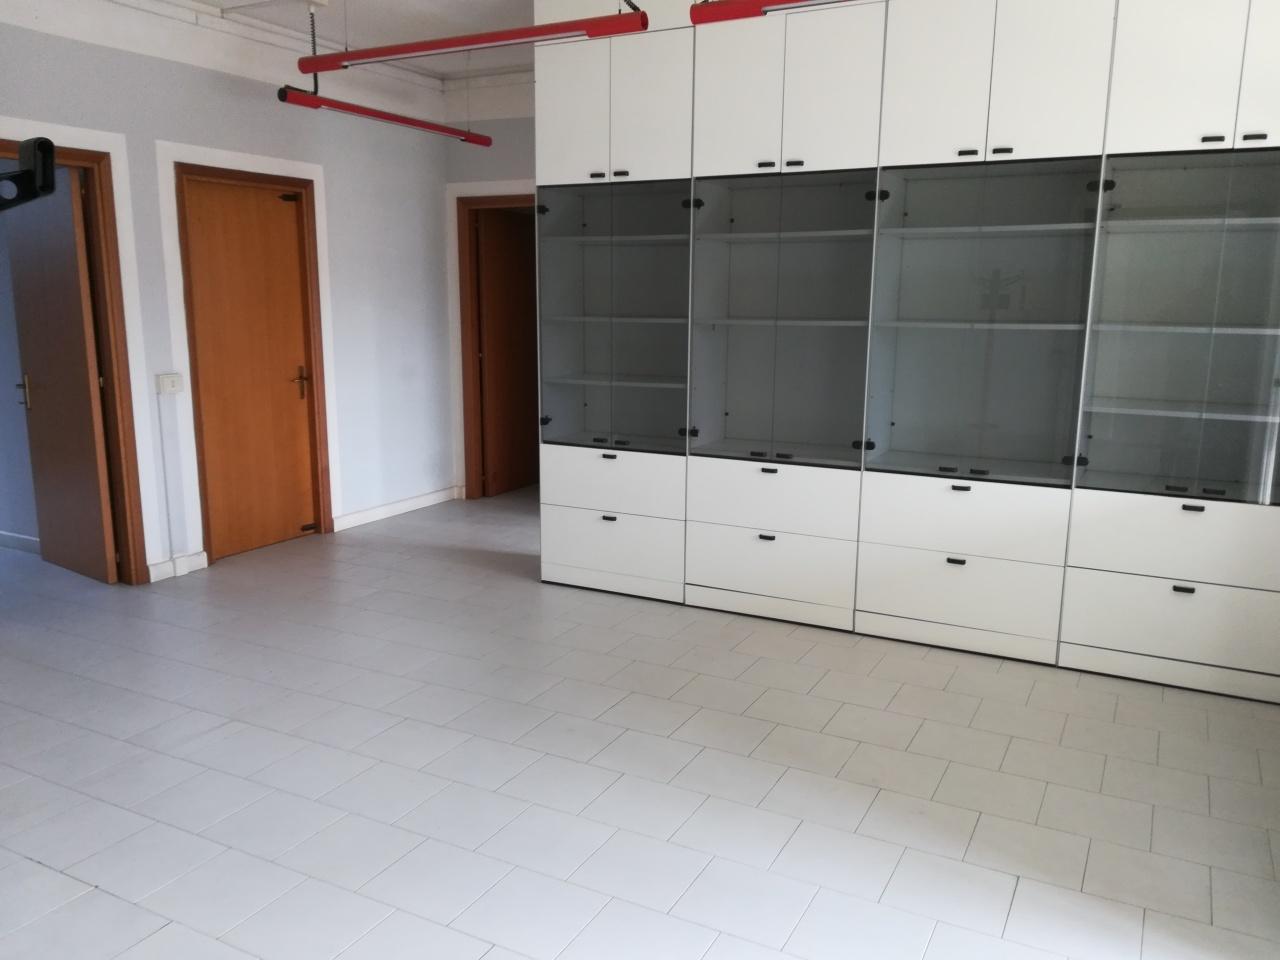 Ufficio a Terni Rif. 10313294